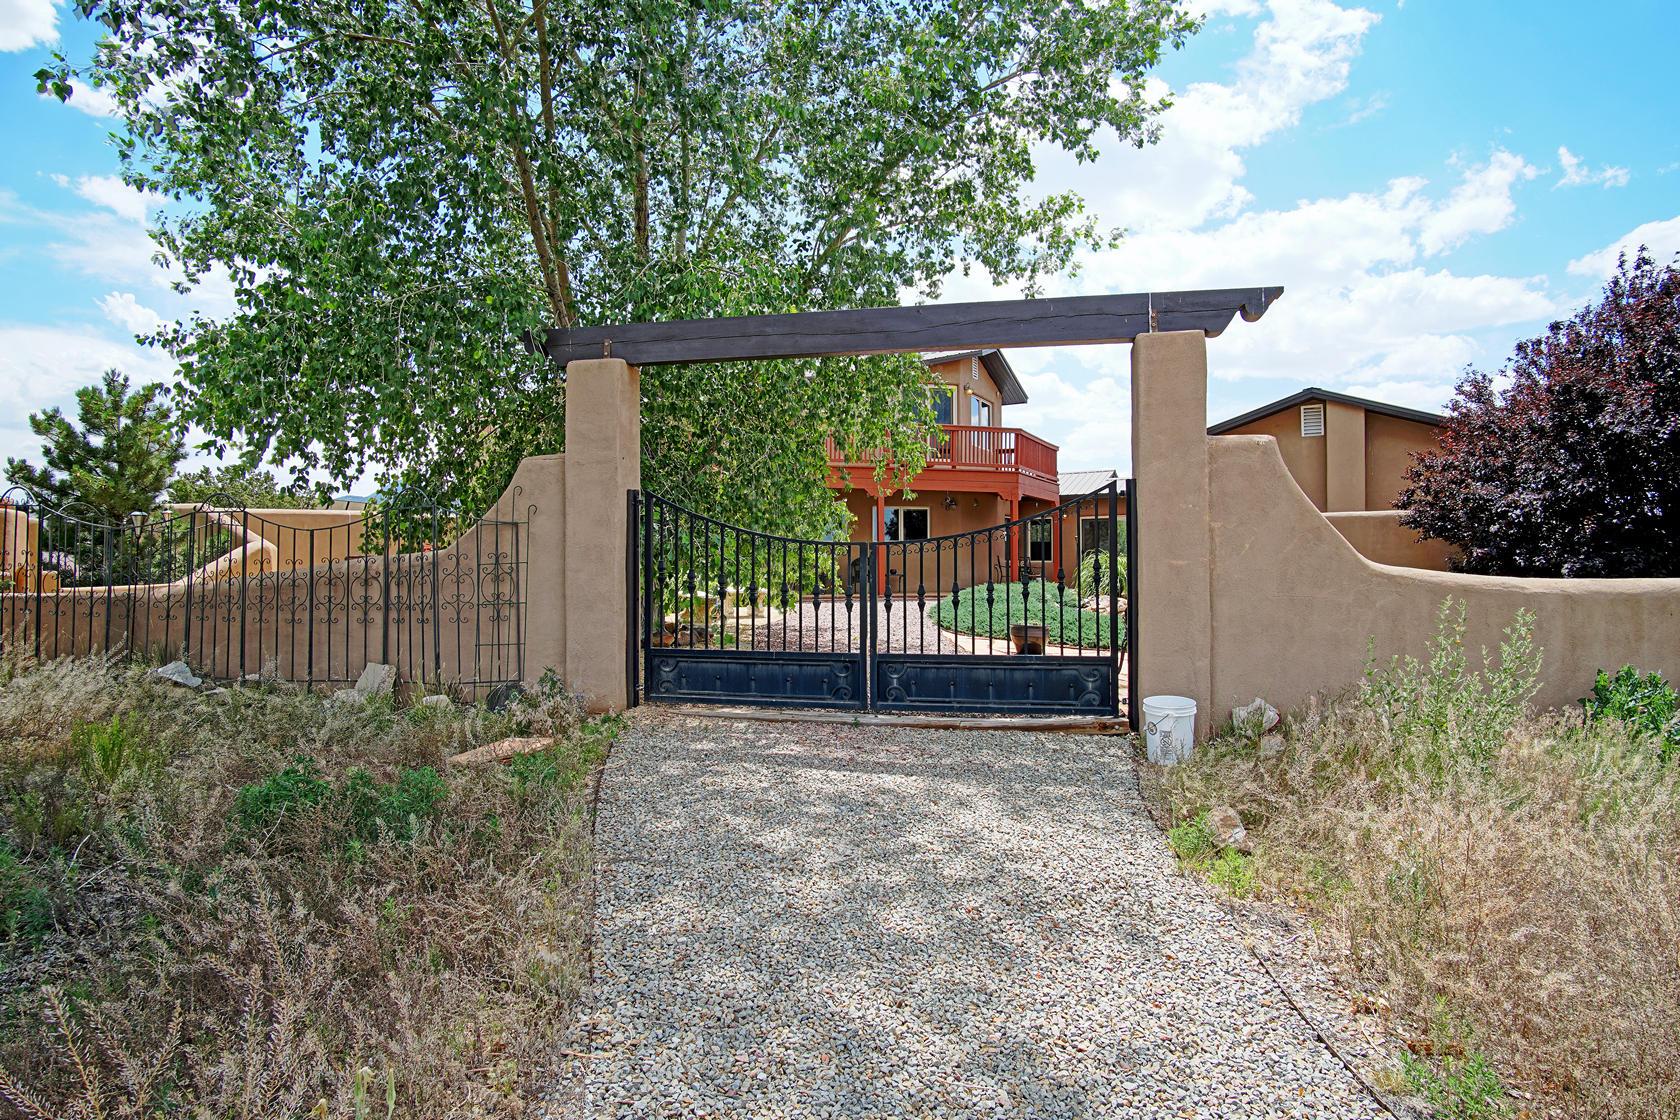 37 Pioneer Way, Cerrillos, NM 87010 - Cerrillos, NM real estate listing